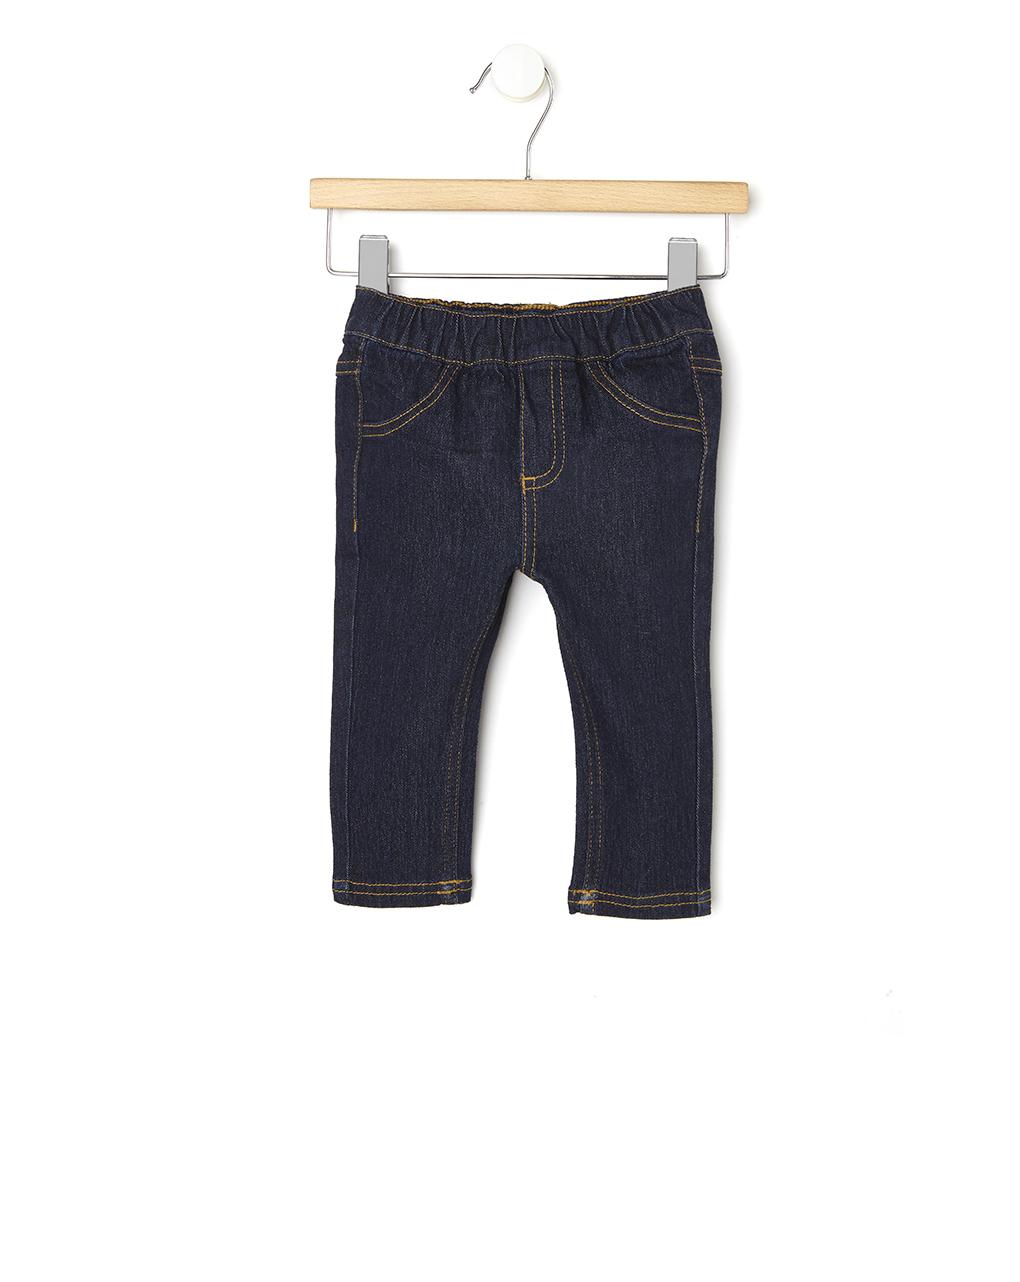 Παντελόνι Denim Μπλε Σκούρο για Αγόρι